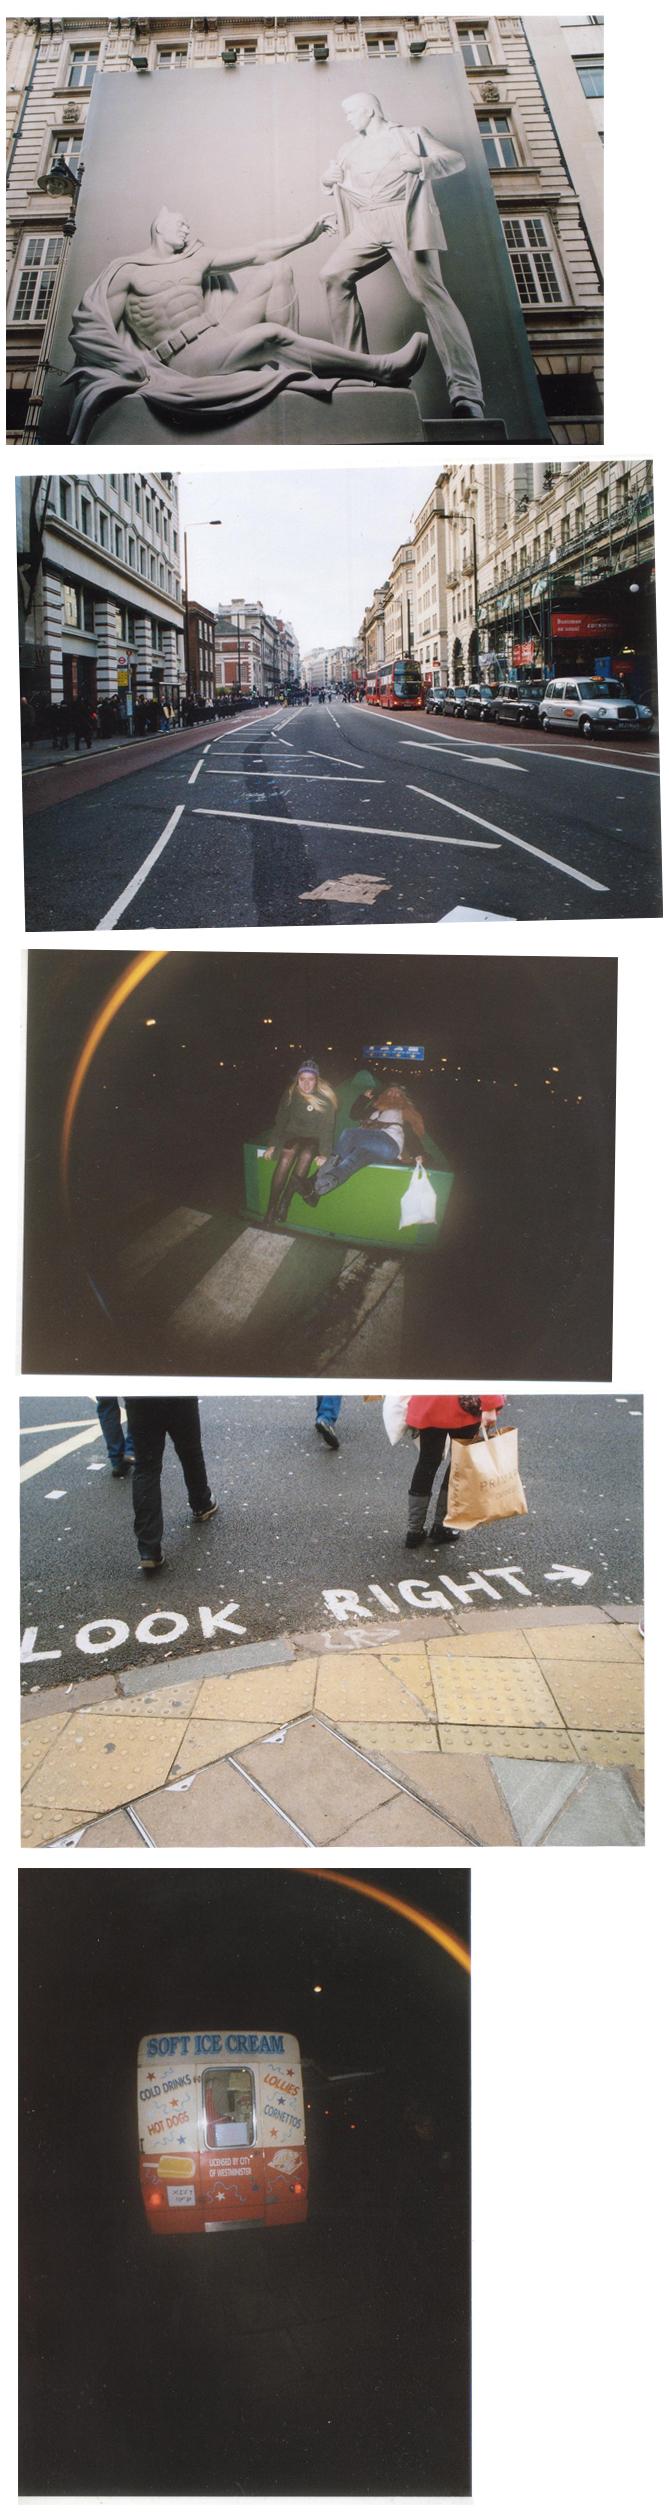 london_fb01